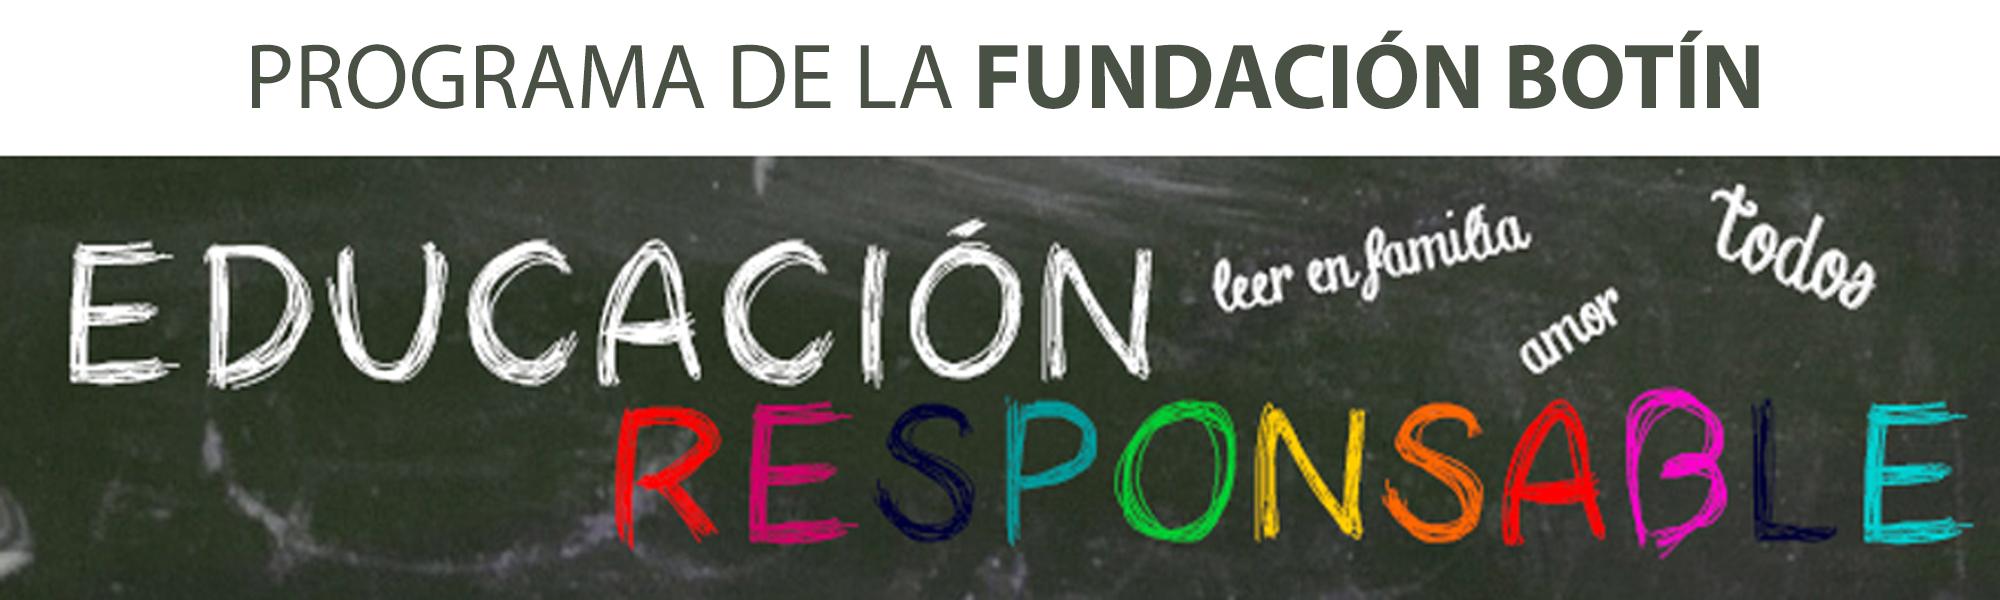 Programa de Educación Responsable